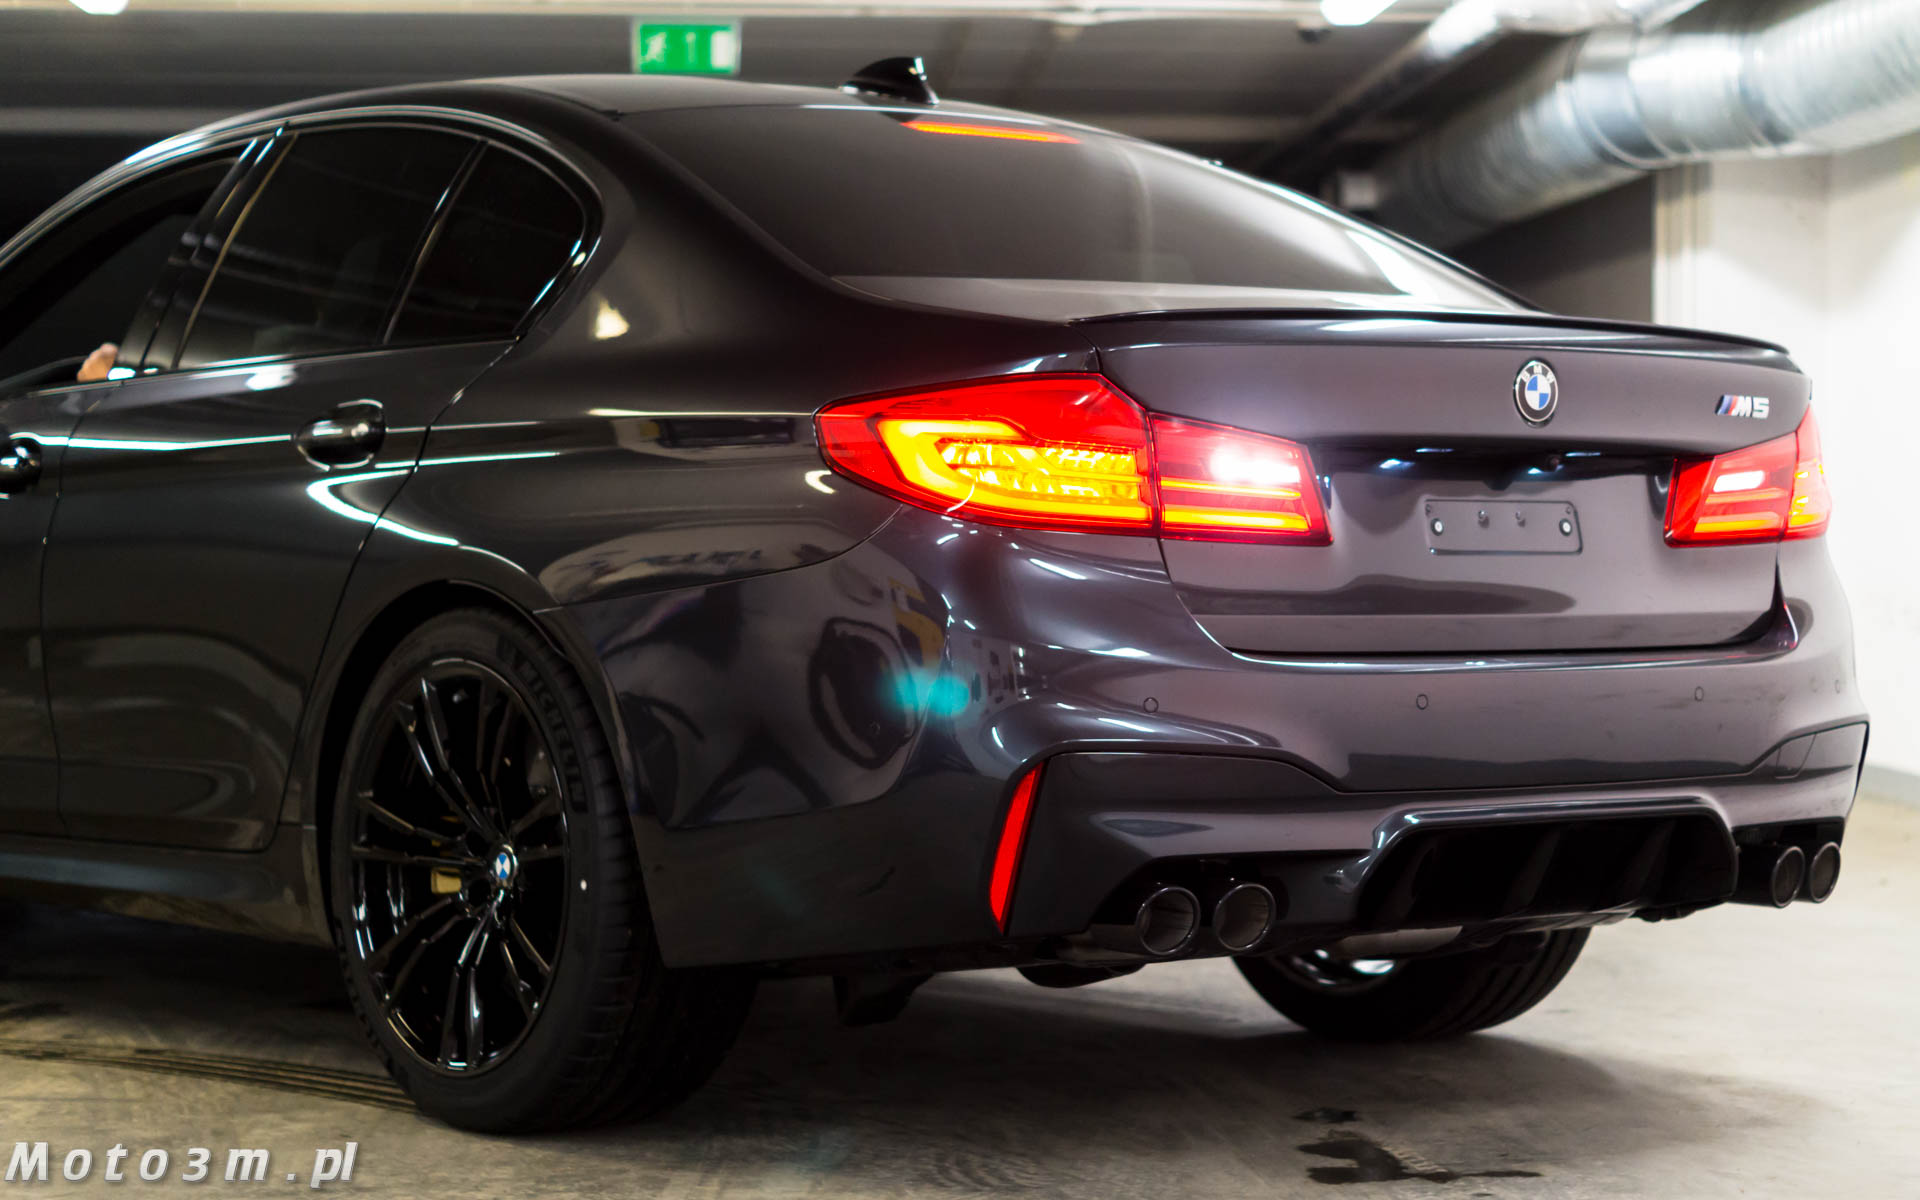 Nowe BMW M5 G30 w BMW Zdunek Gdynia-06698   Moto3m pl